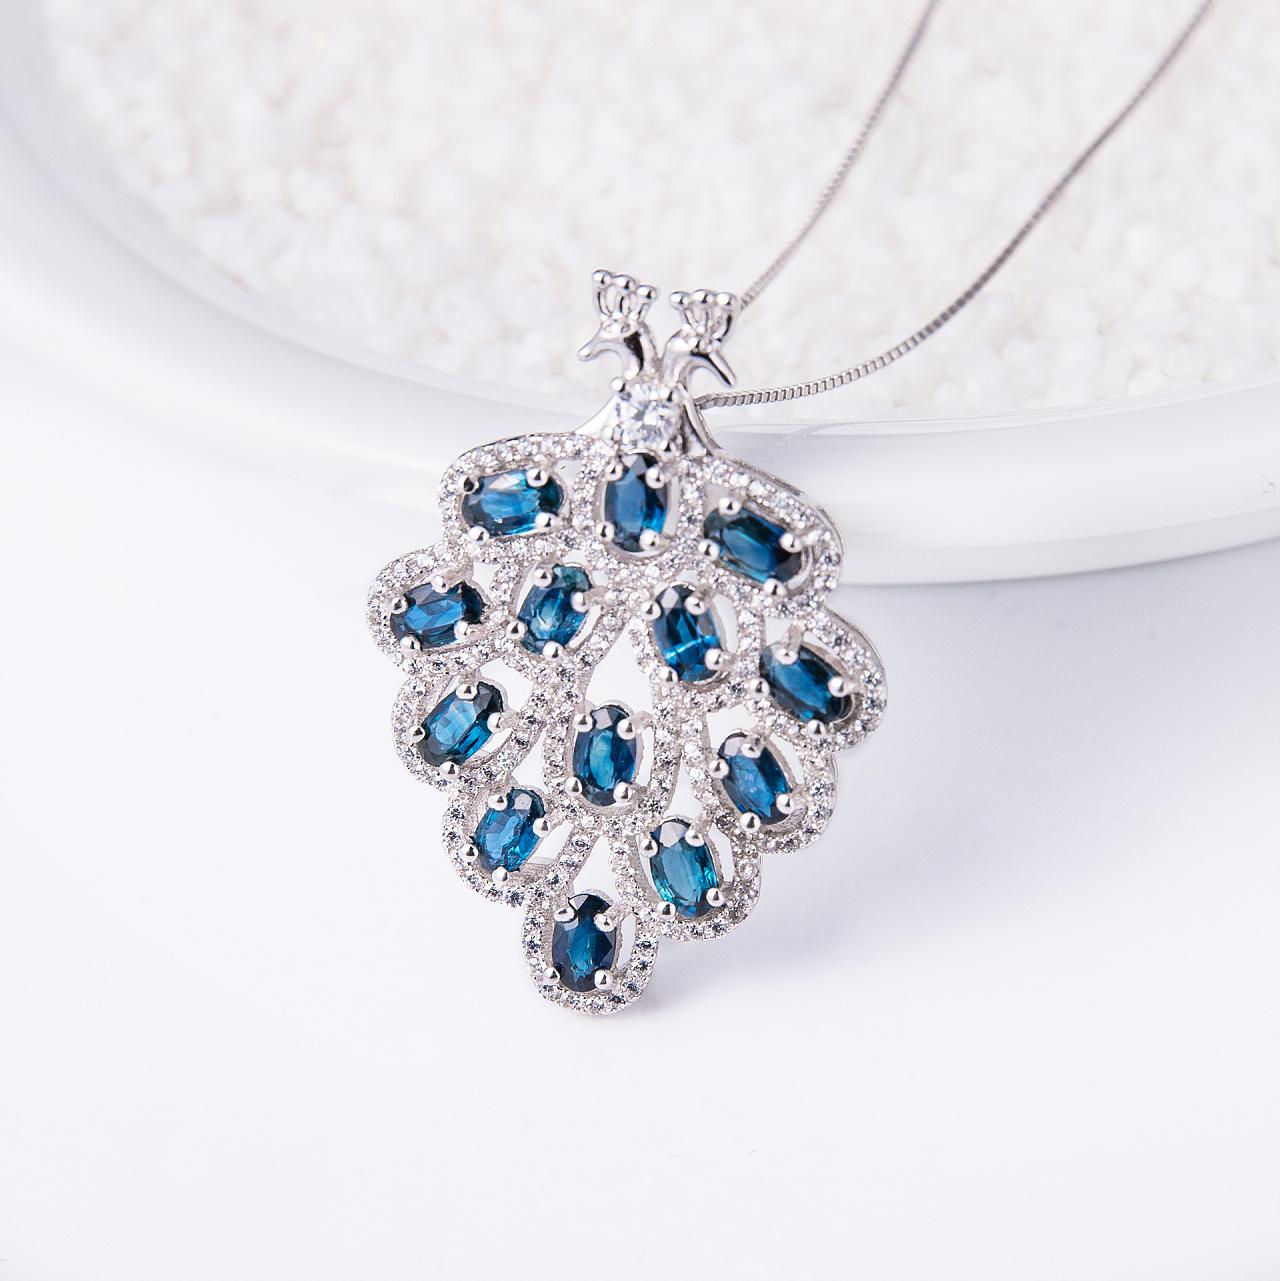 蓝宝石戒指项链